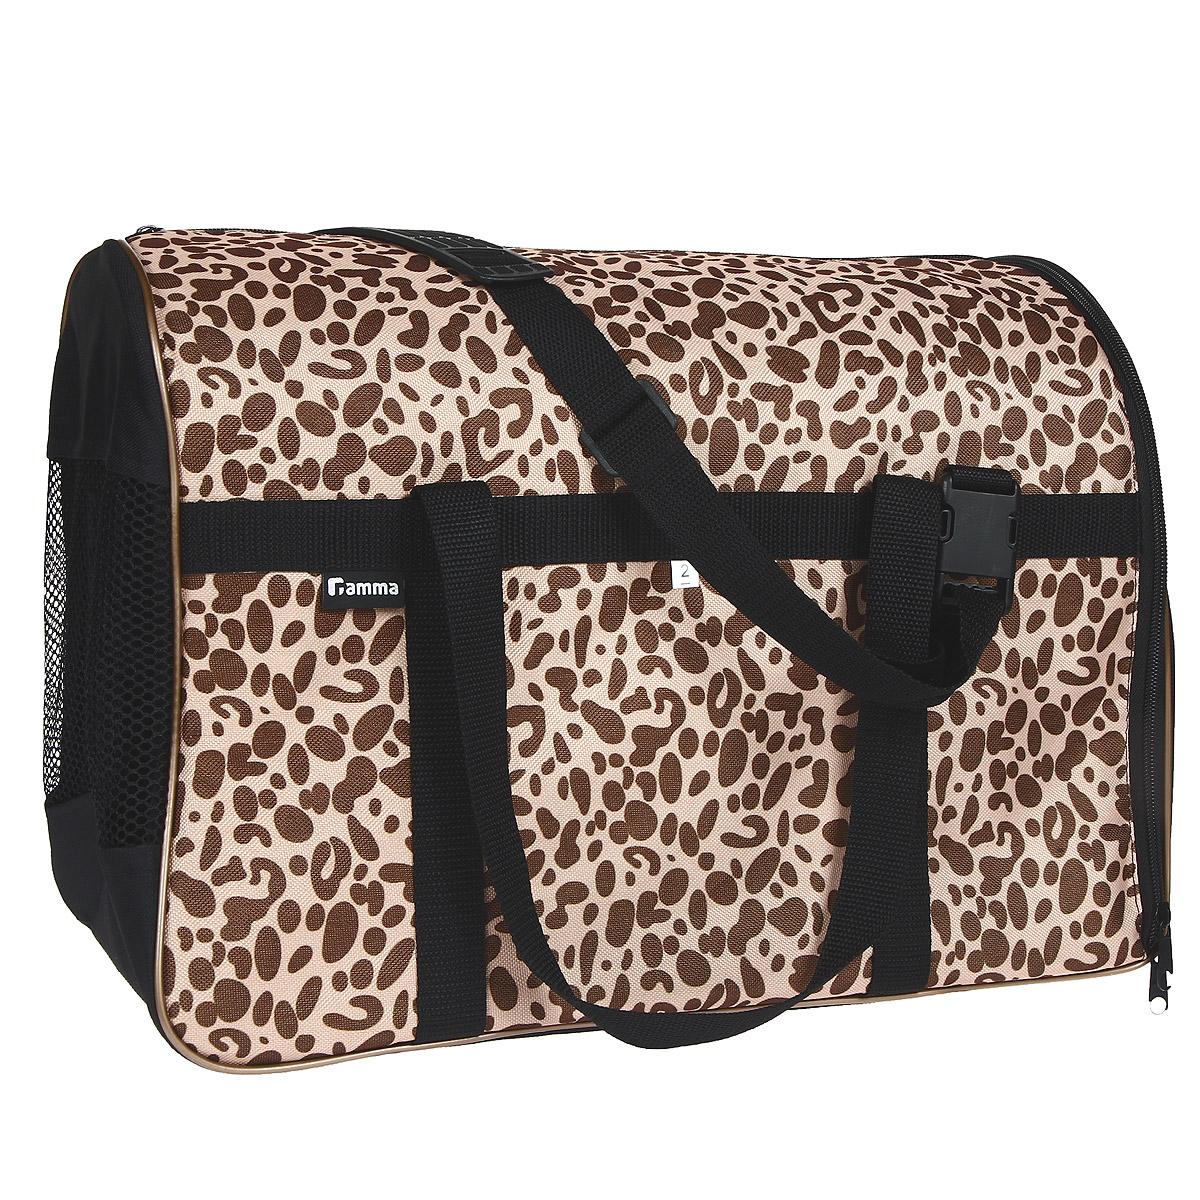 Сумка-переноска  Гамма  для животных, с сеткой, цвет: леопардовый, 42 см х 28 см х 31 см